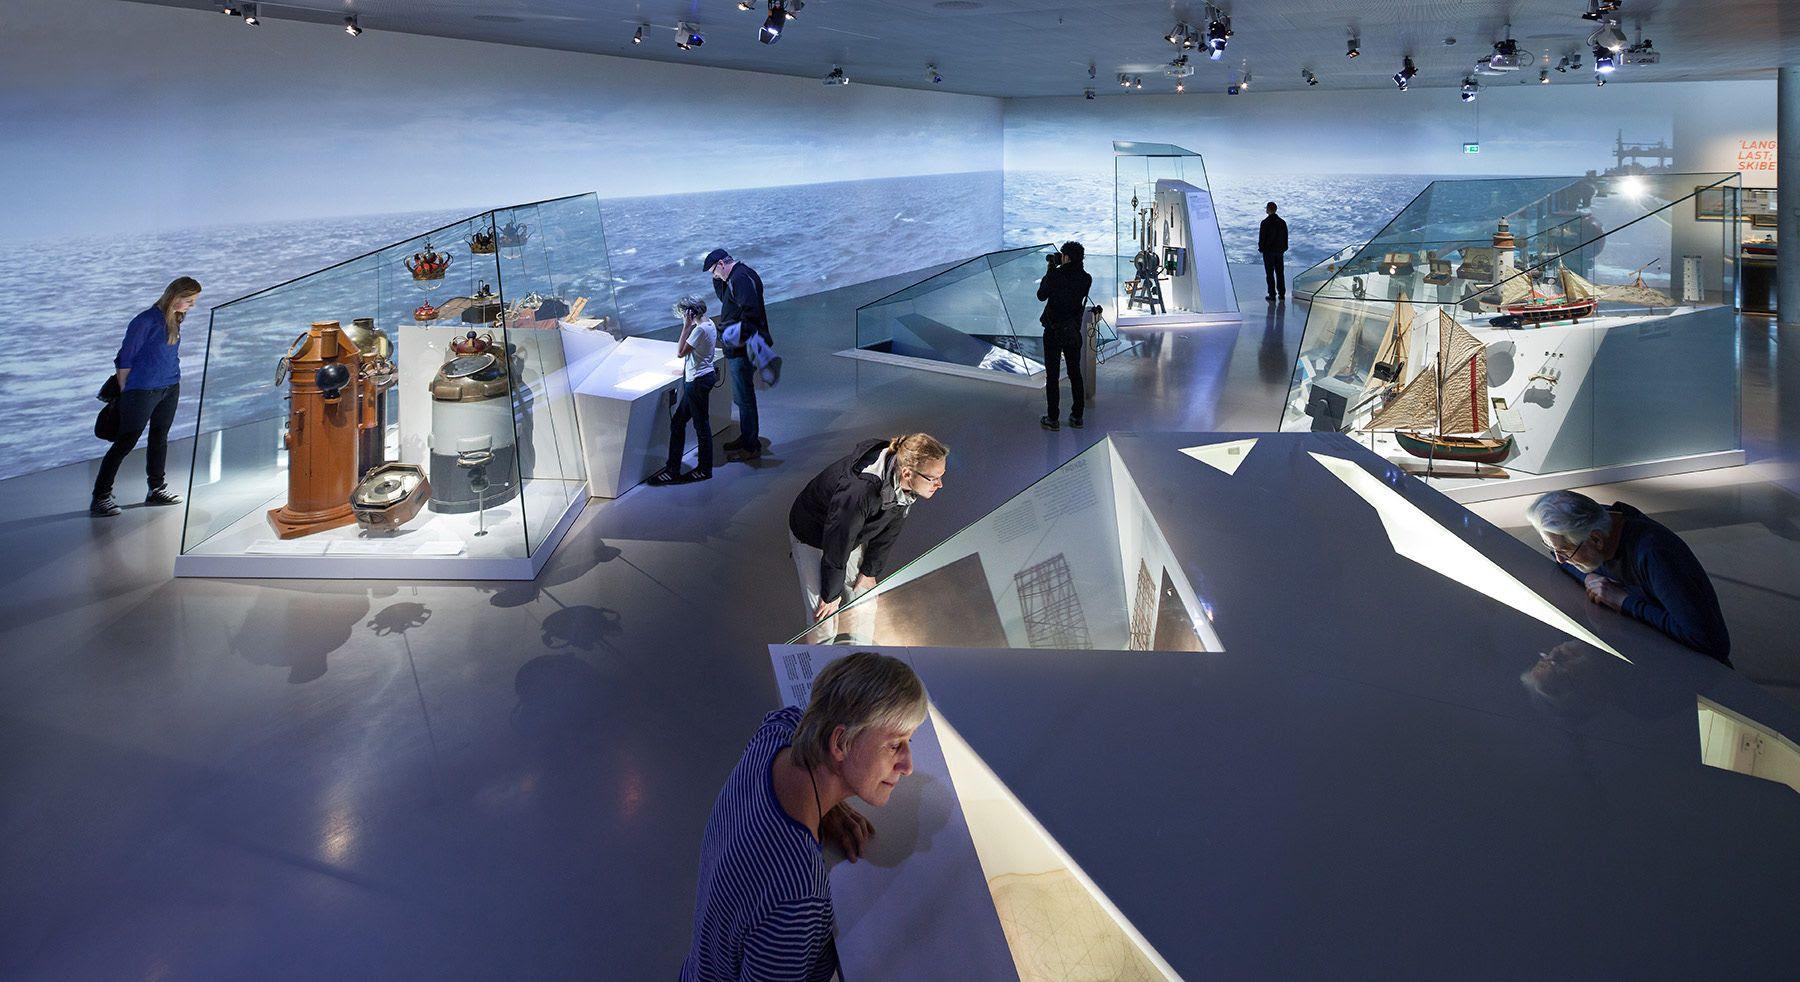 Nội thất bảo tàng hàng hải Đan Mạch